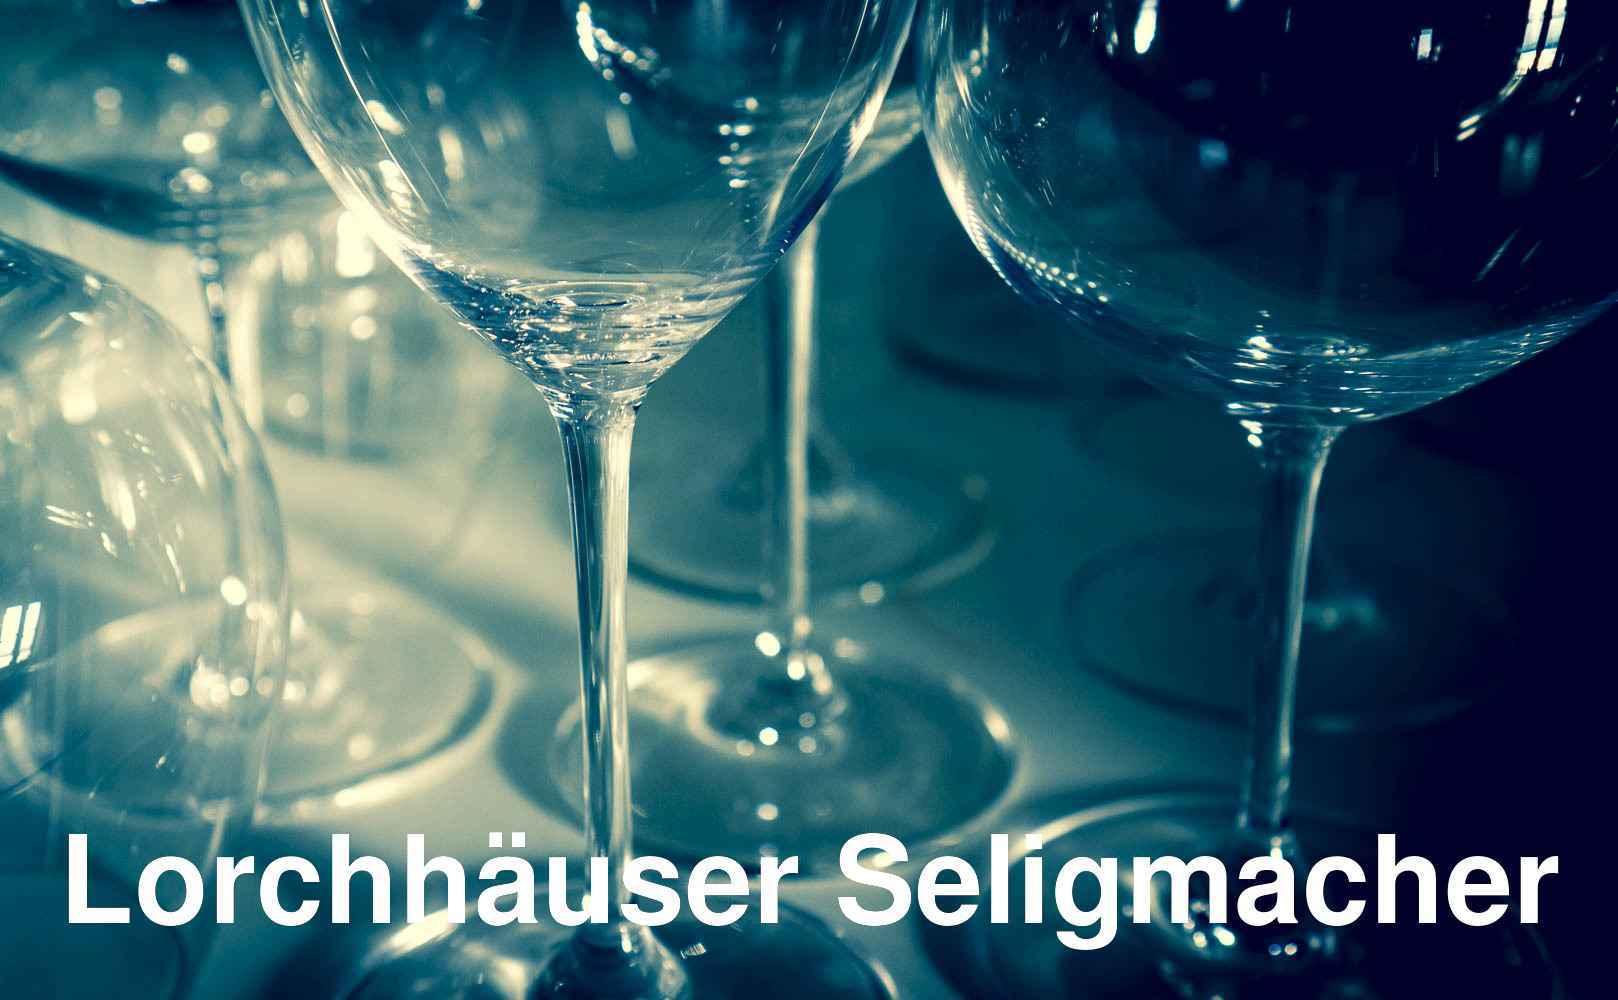 Go to Lorchhäuser Seligmacher von Weingut Sohns aus Rheingau, Deutschland